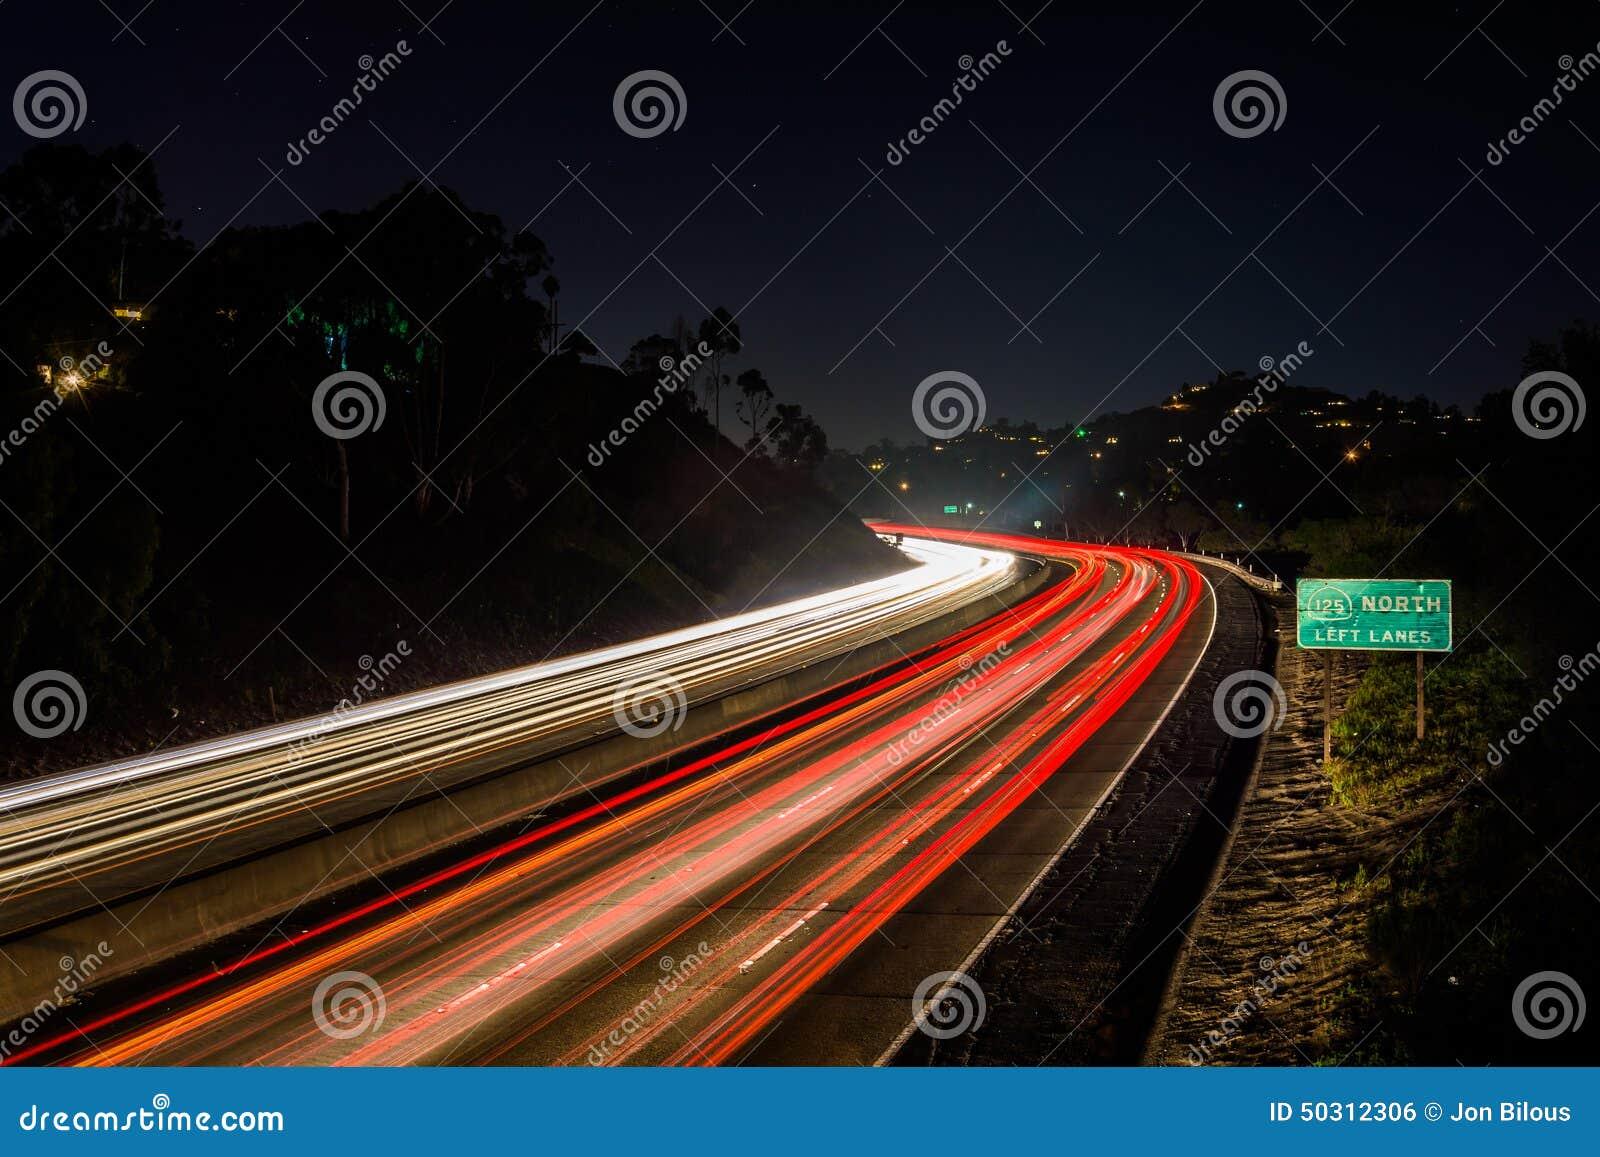 Long exposure of California Route 125 at night, in La Mesa, Cali